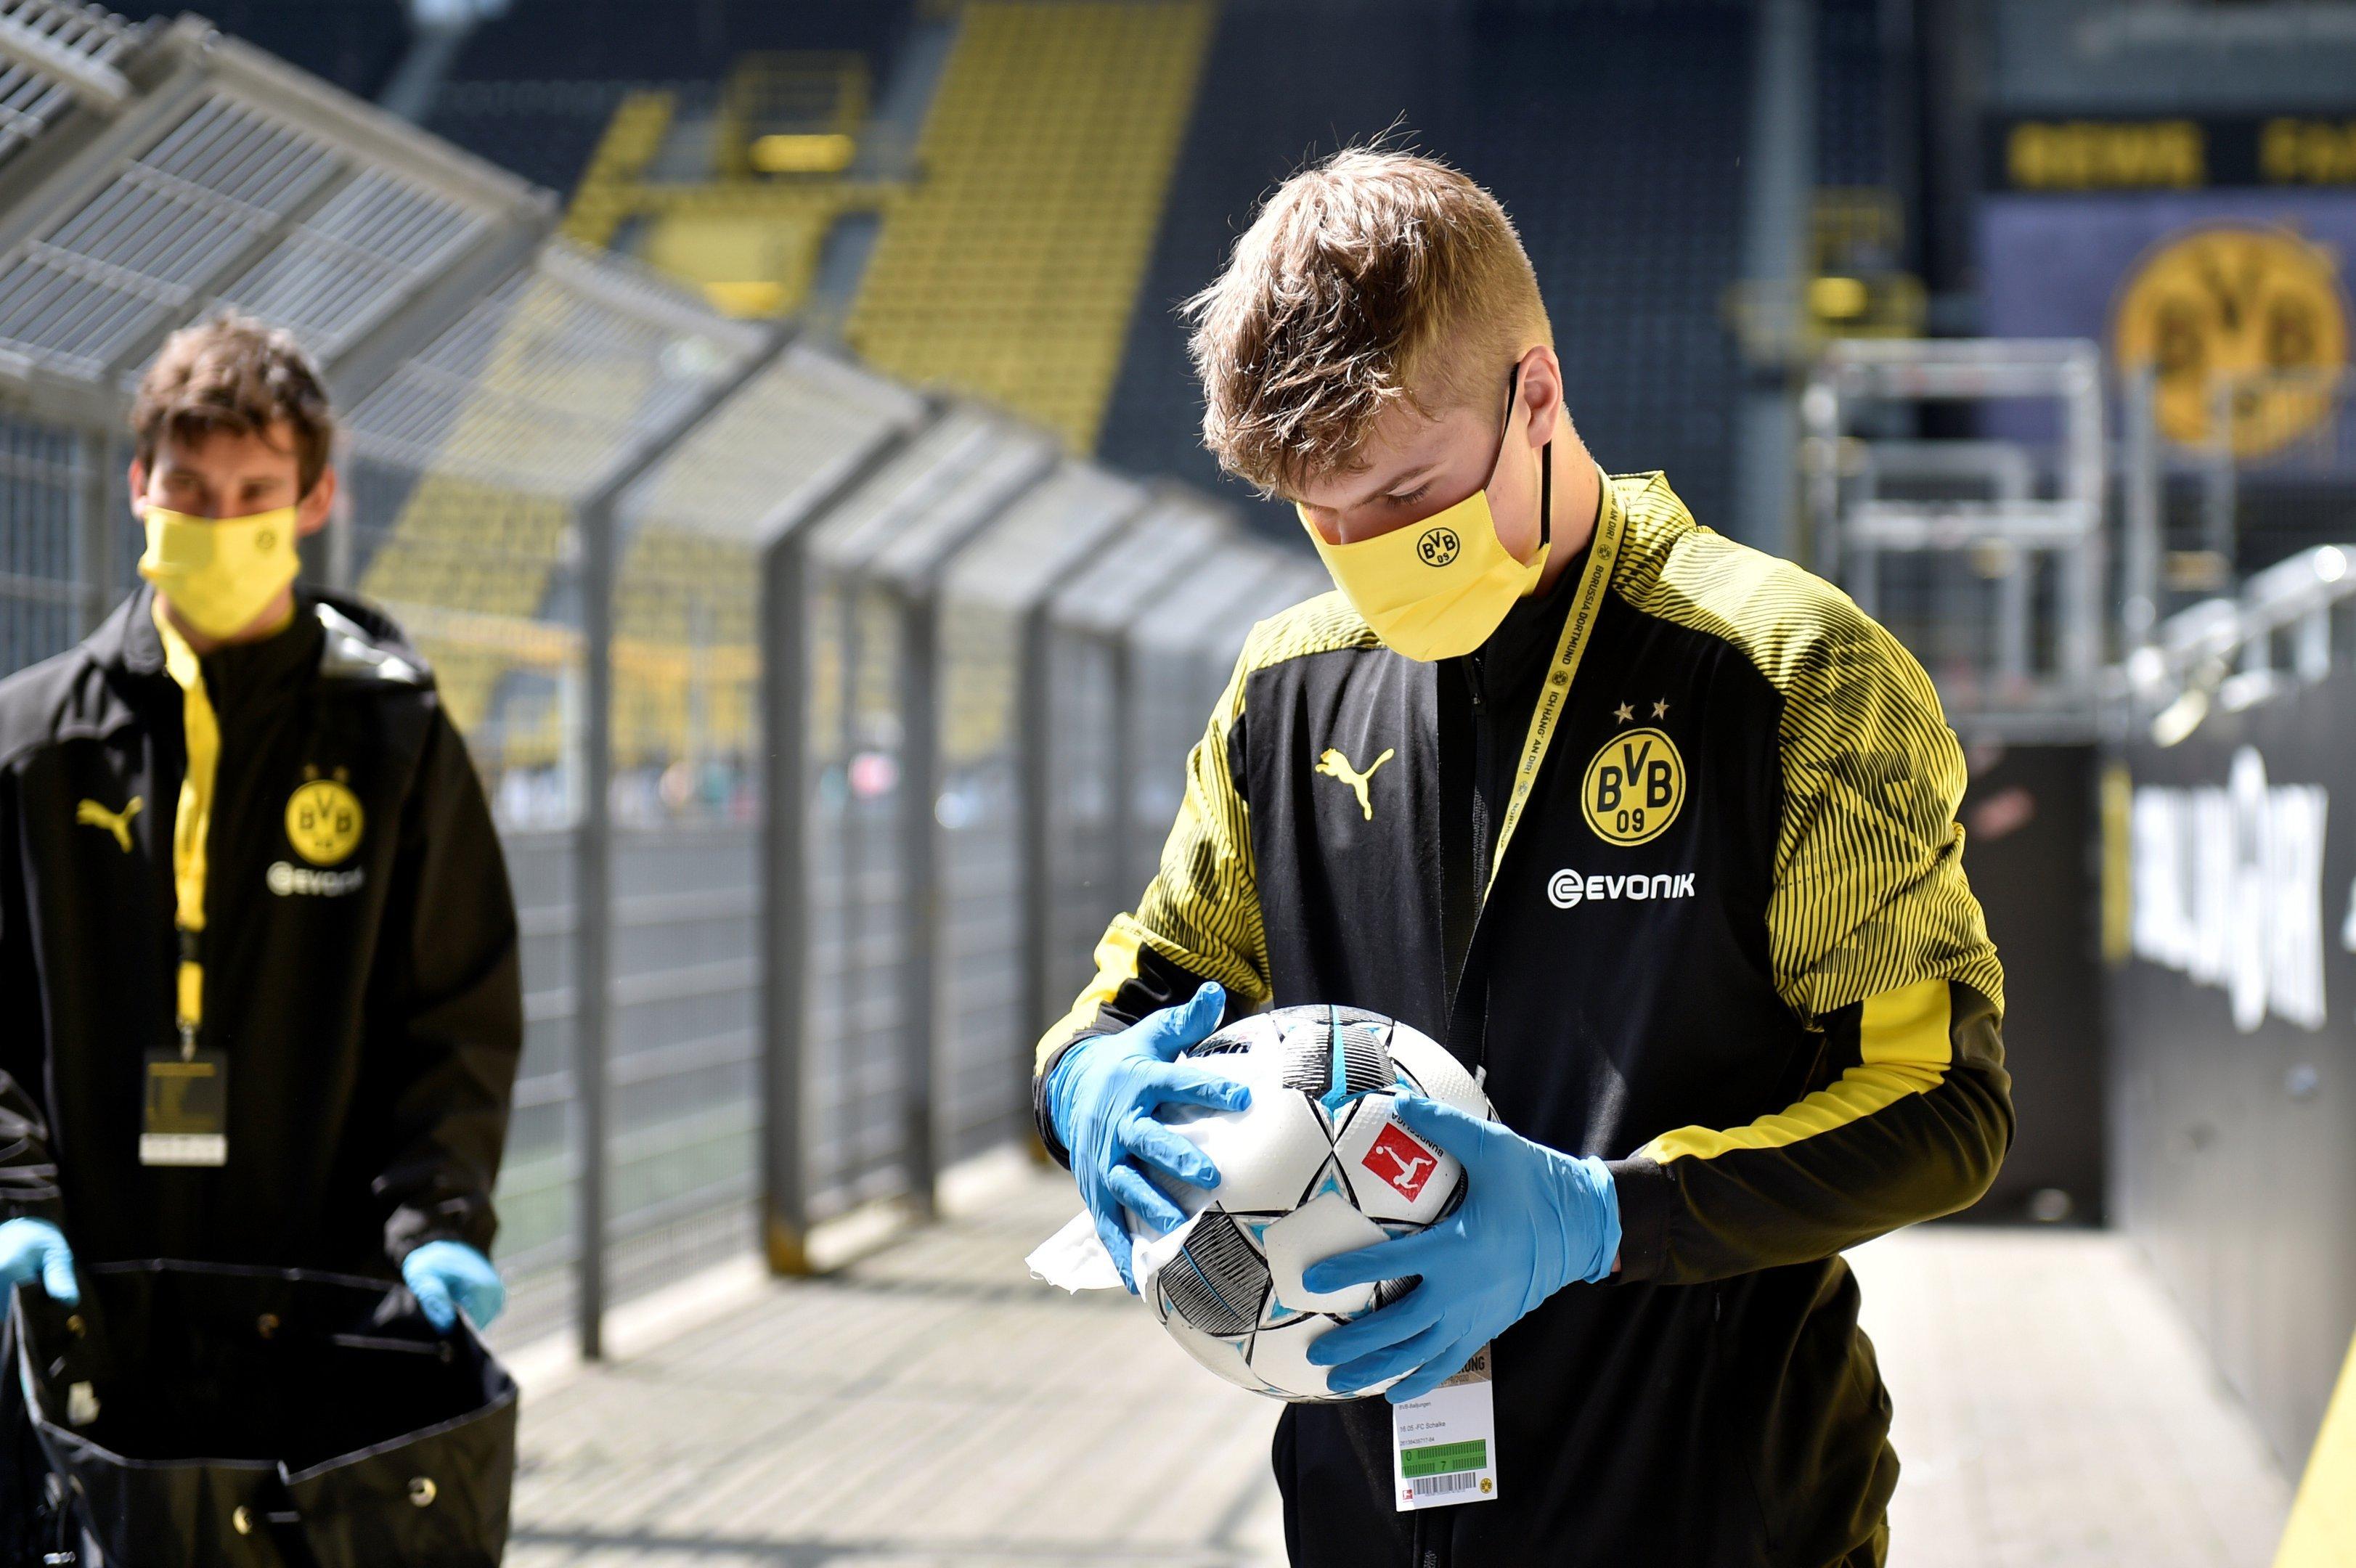 Bolas são desinfetadas antes da partida de retomada do futebol alemão 16/05/2020